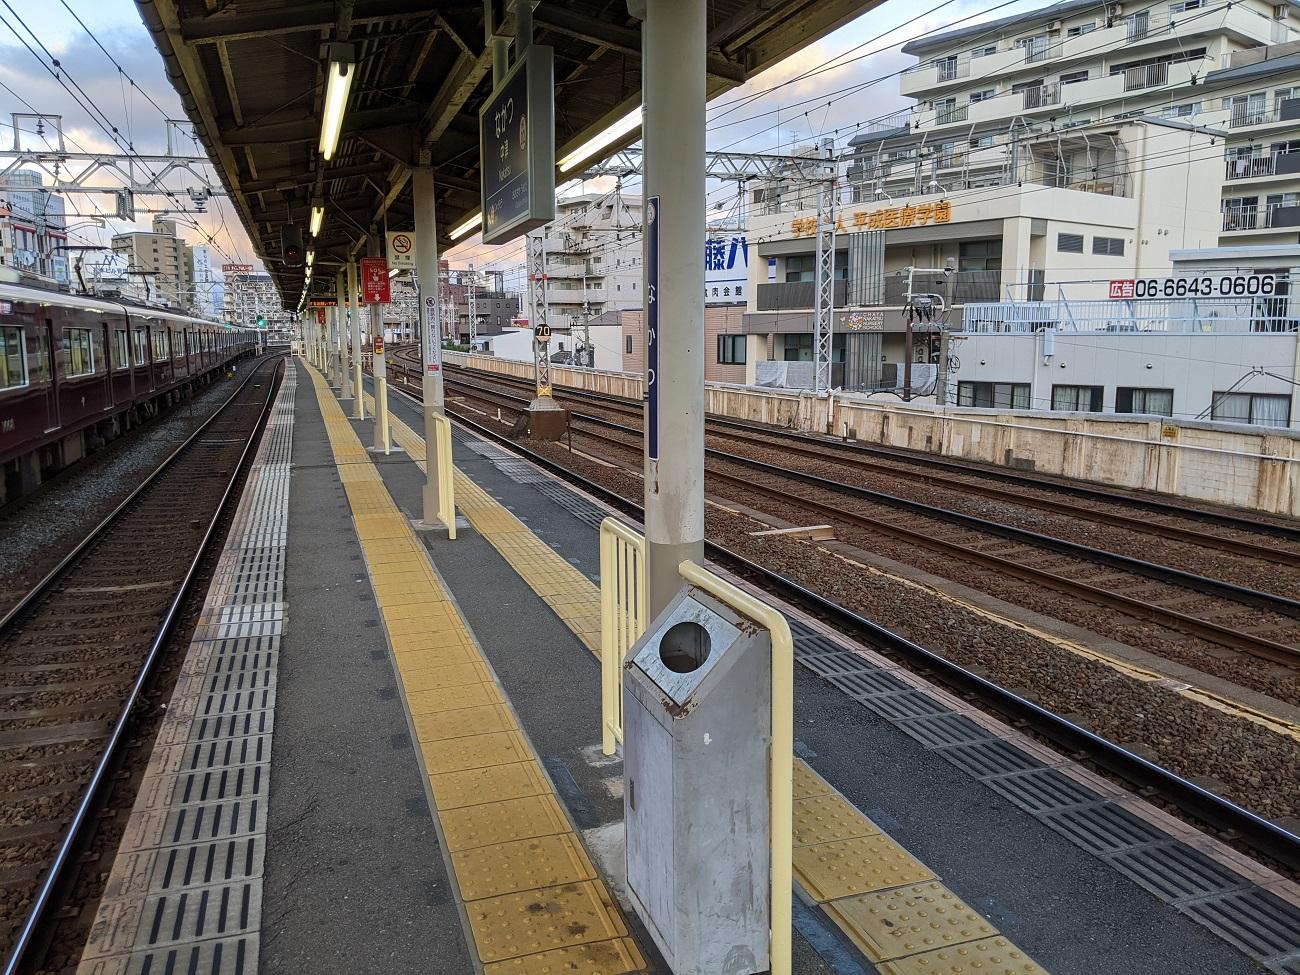 Japanese-train-station-Osaka-Hankyu-Nakatsu-Japan-trains-travel-photos-5.jpg